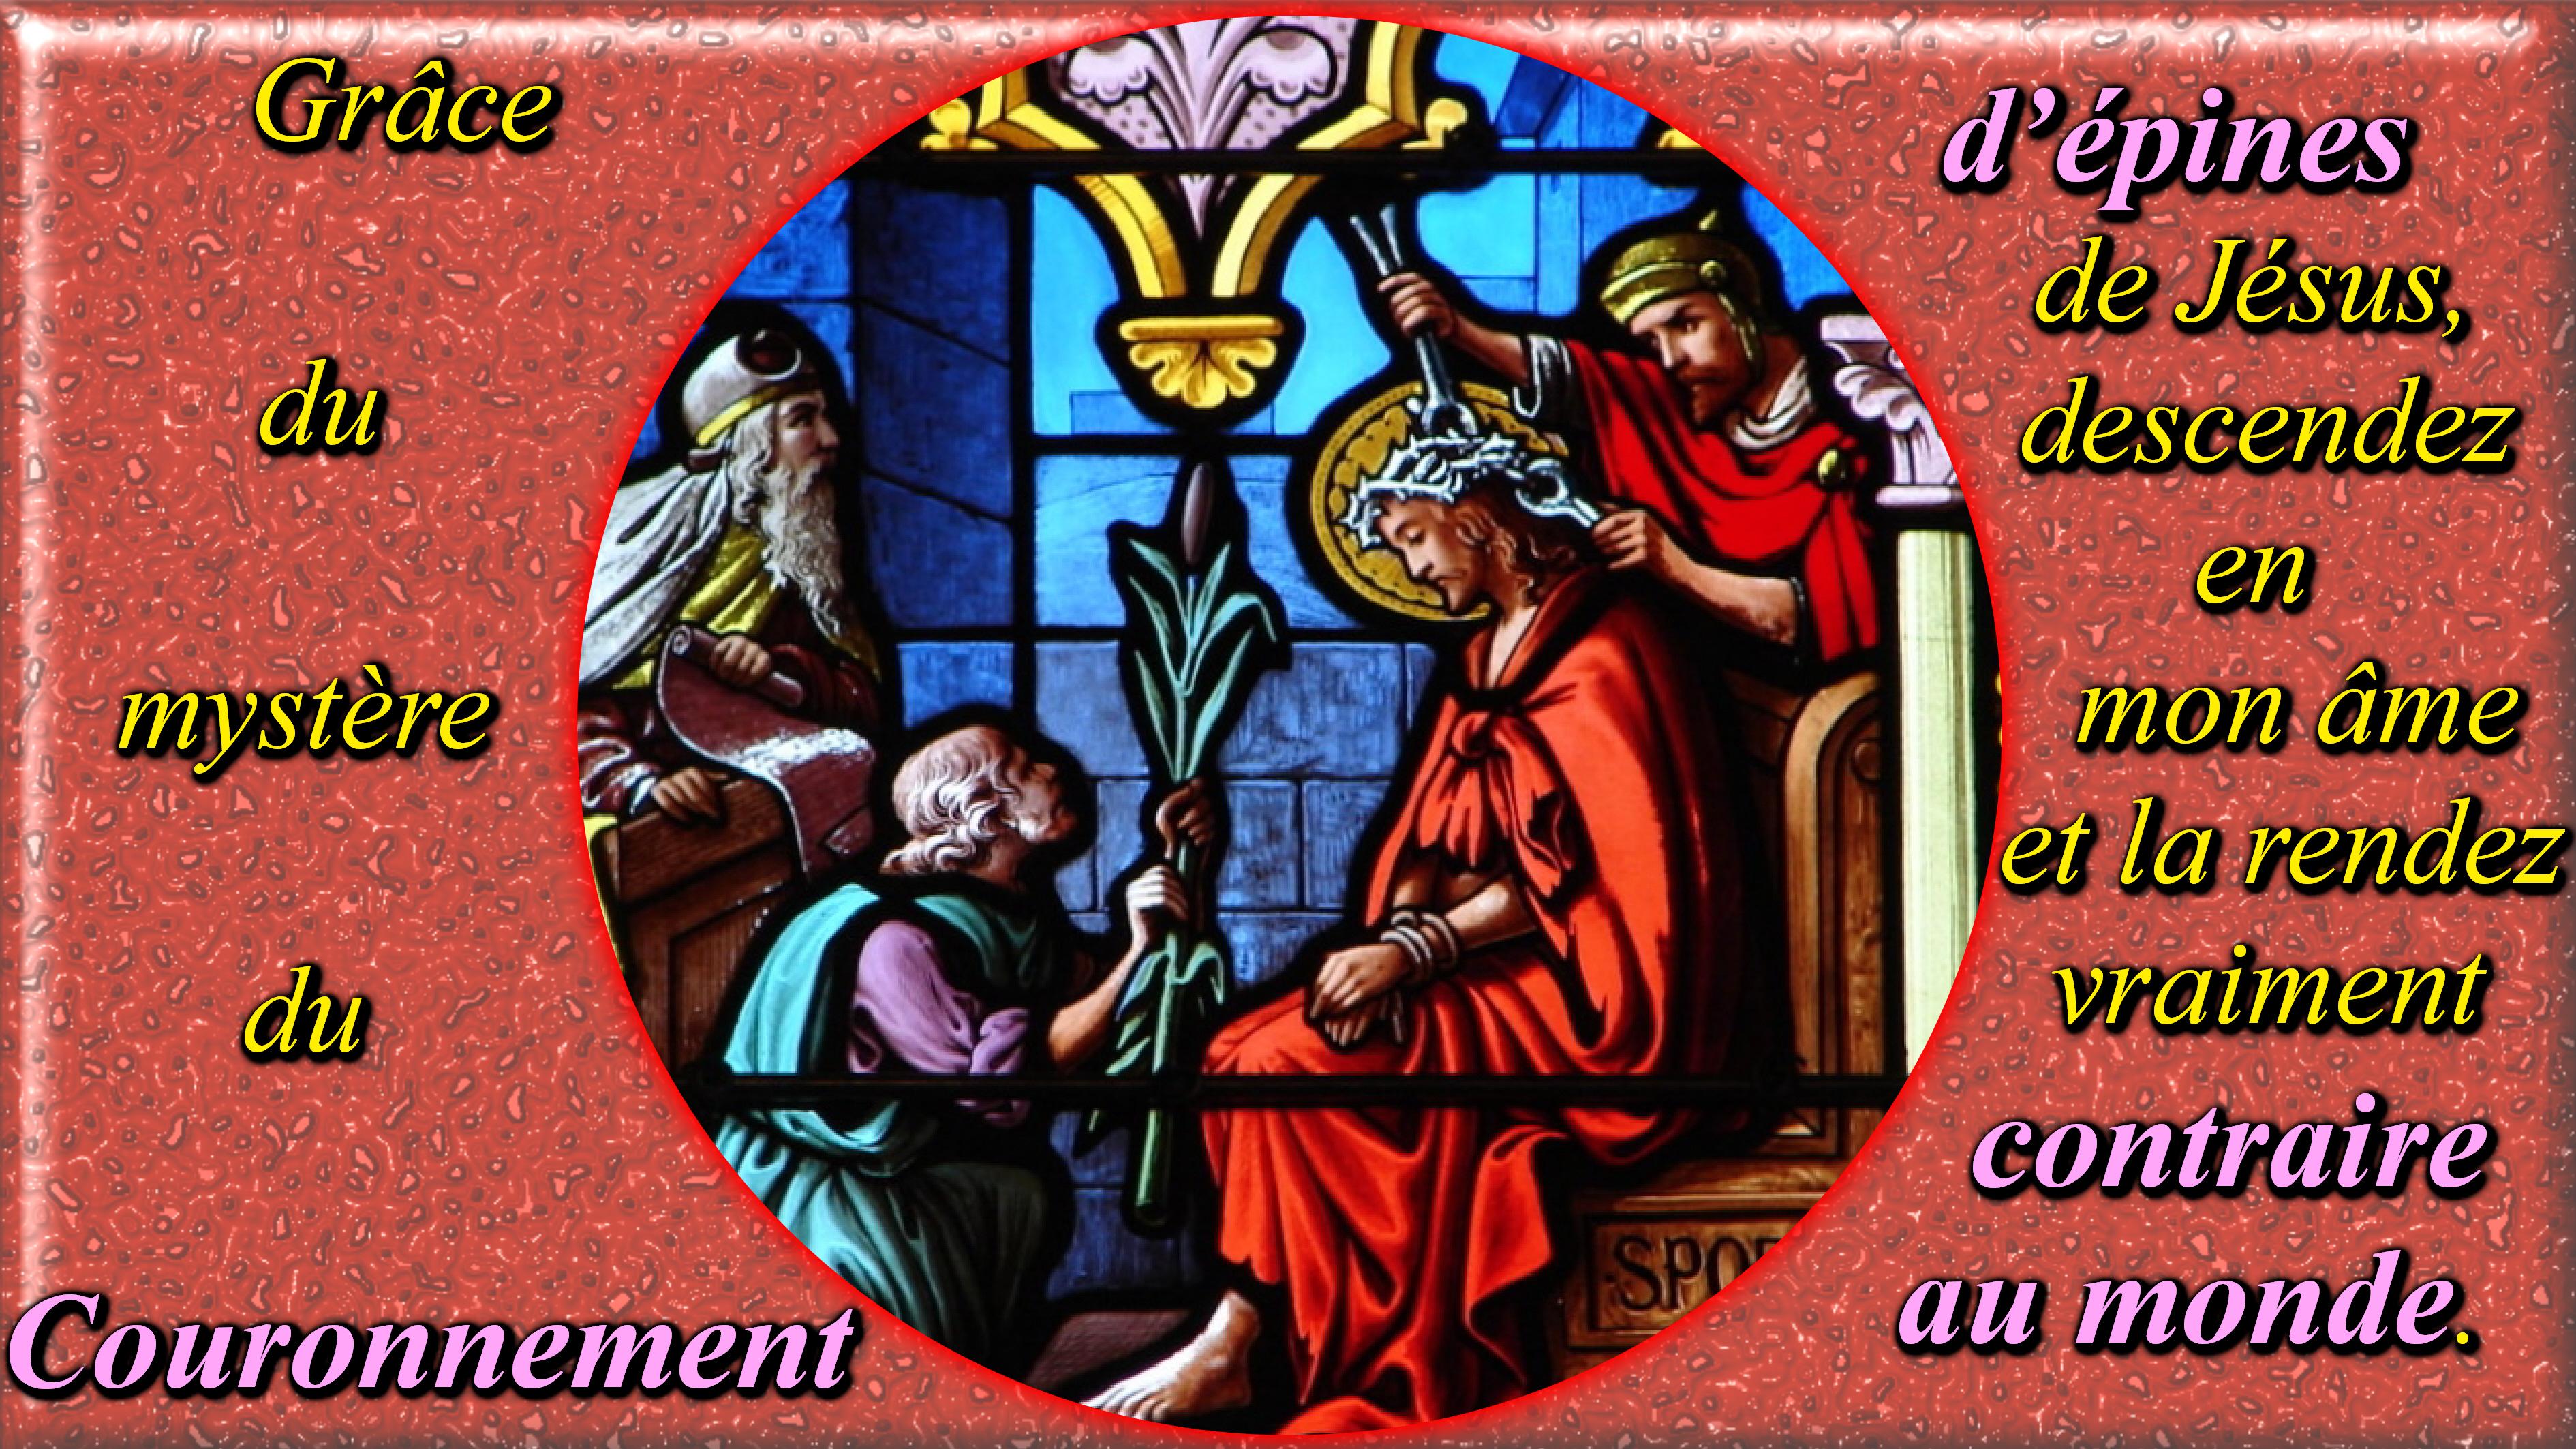 Le Rosaire en Images Les-15-myst-res-d...-d-pines-555db41